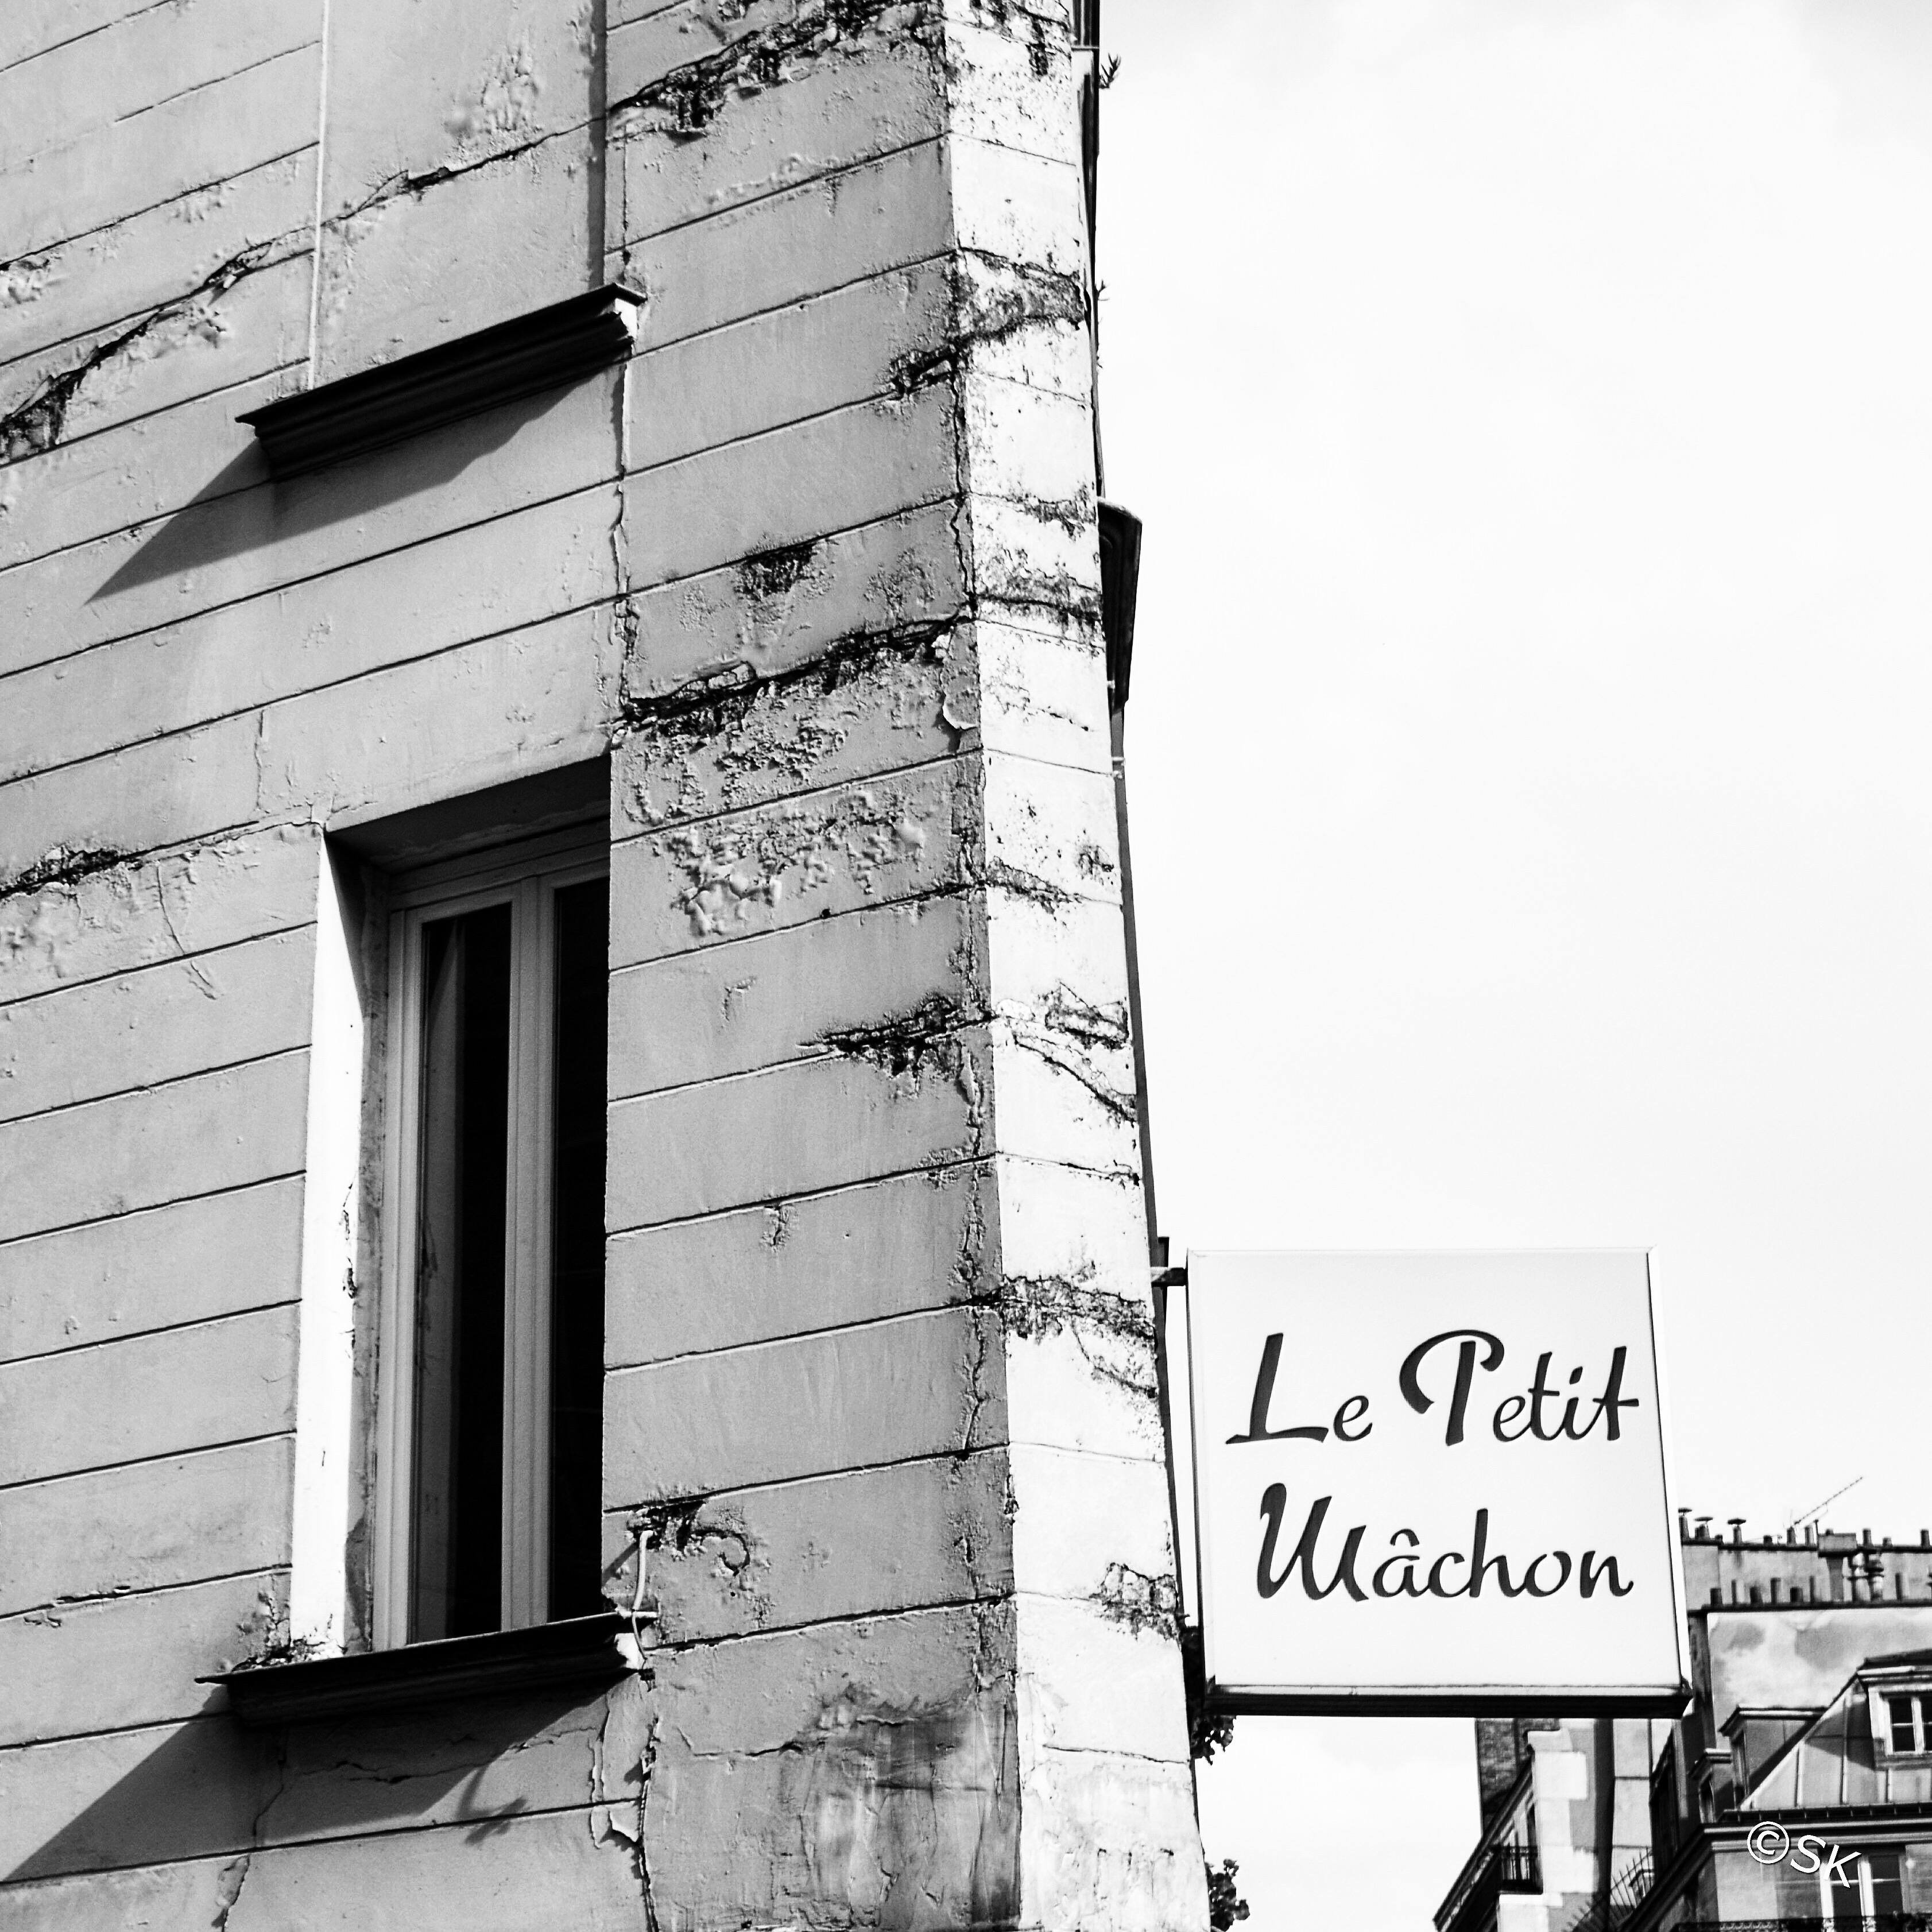 Le petit Mâchon à Paris